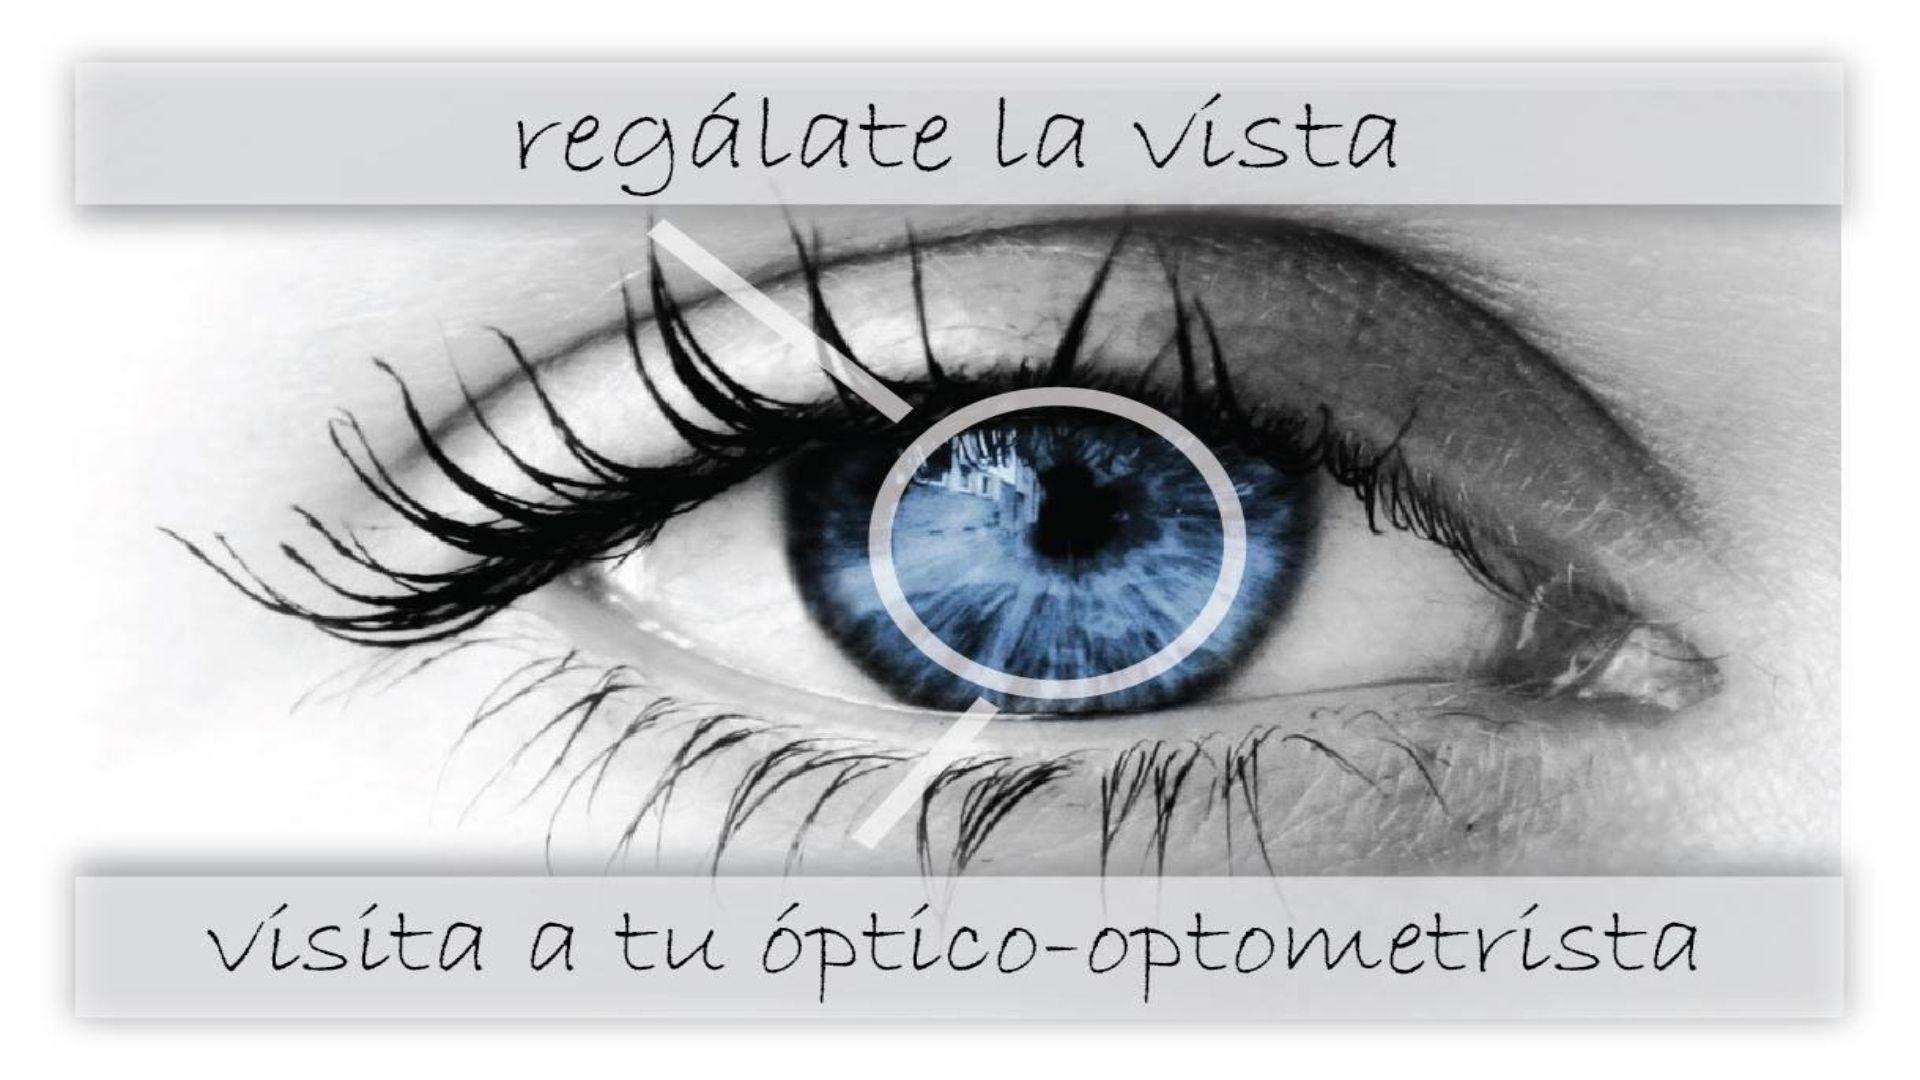 Médicos optometristas